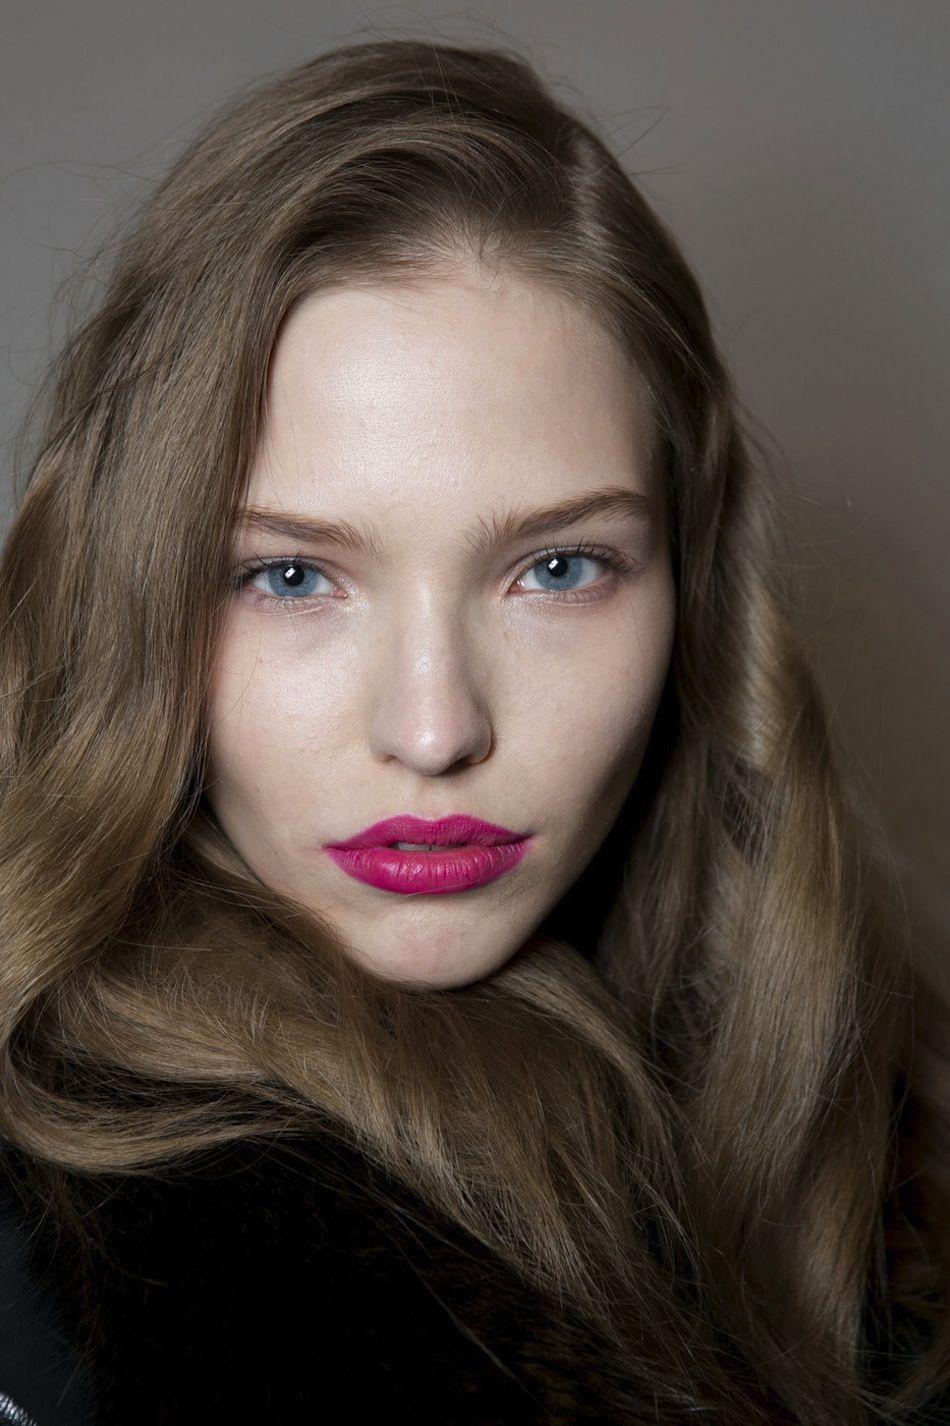 fuchsia lips